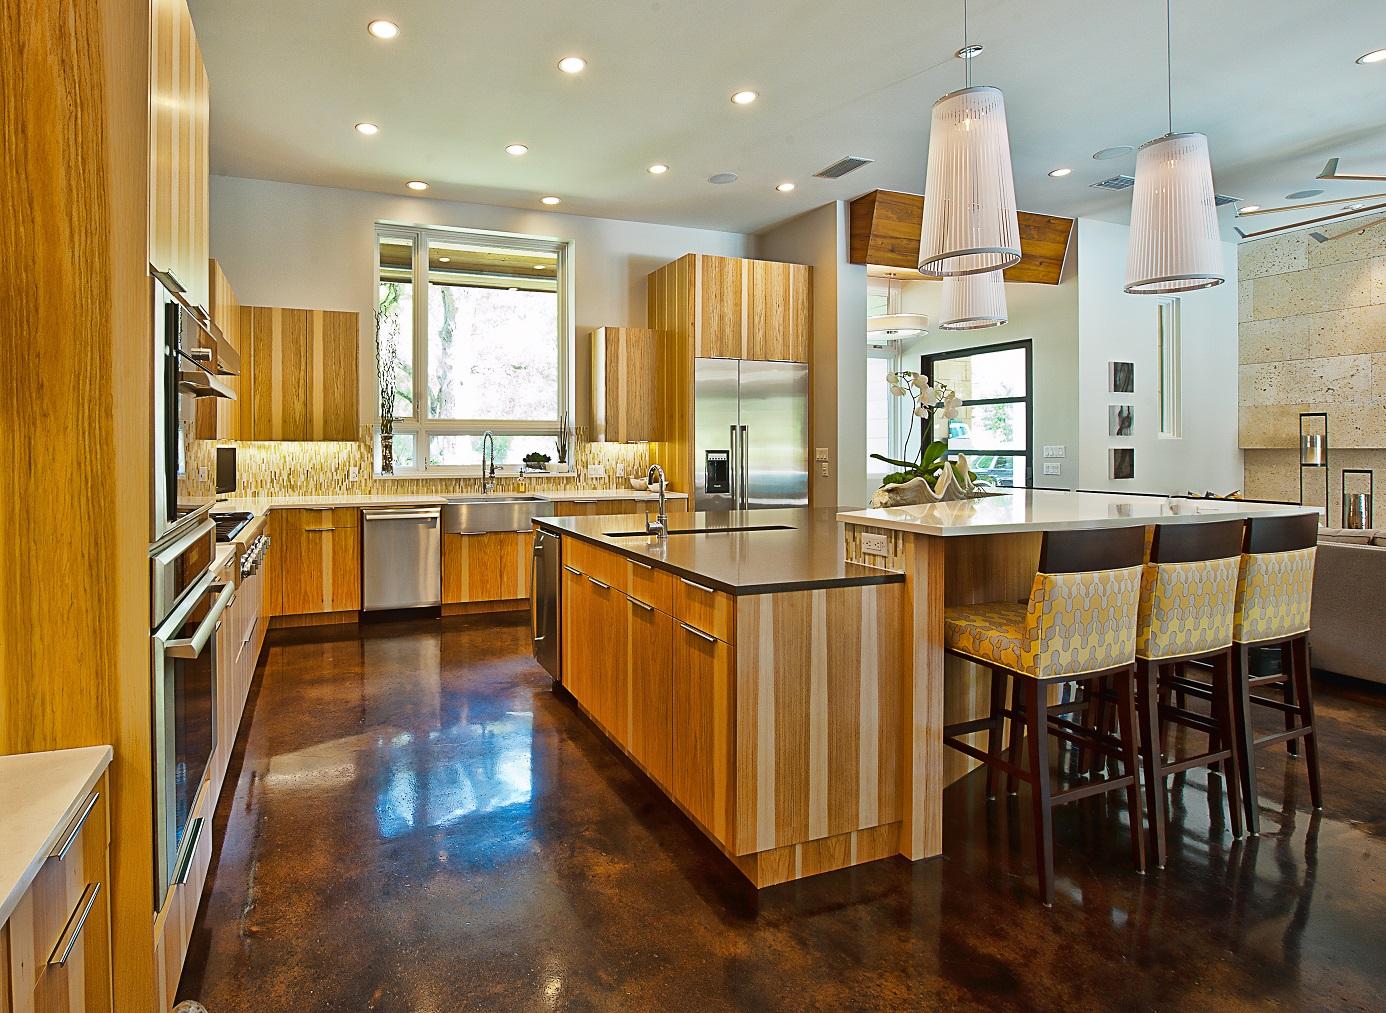 bowman-kitchen